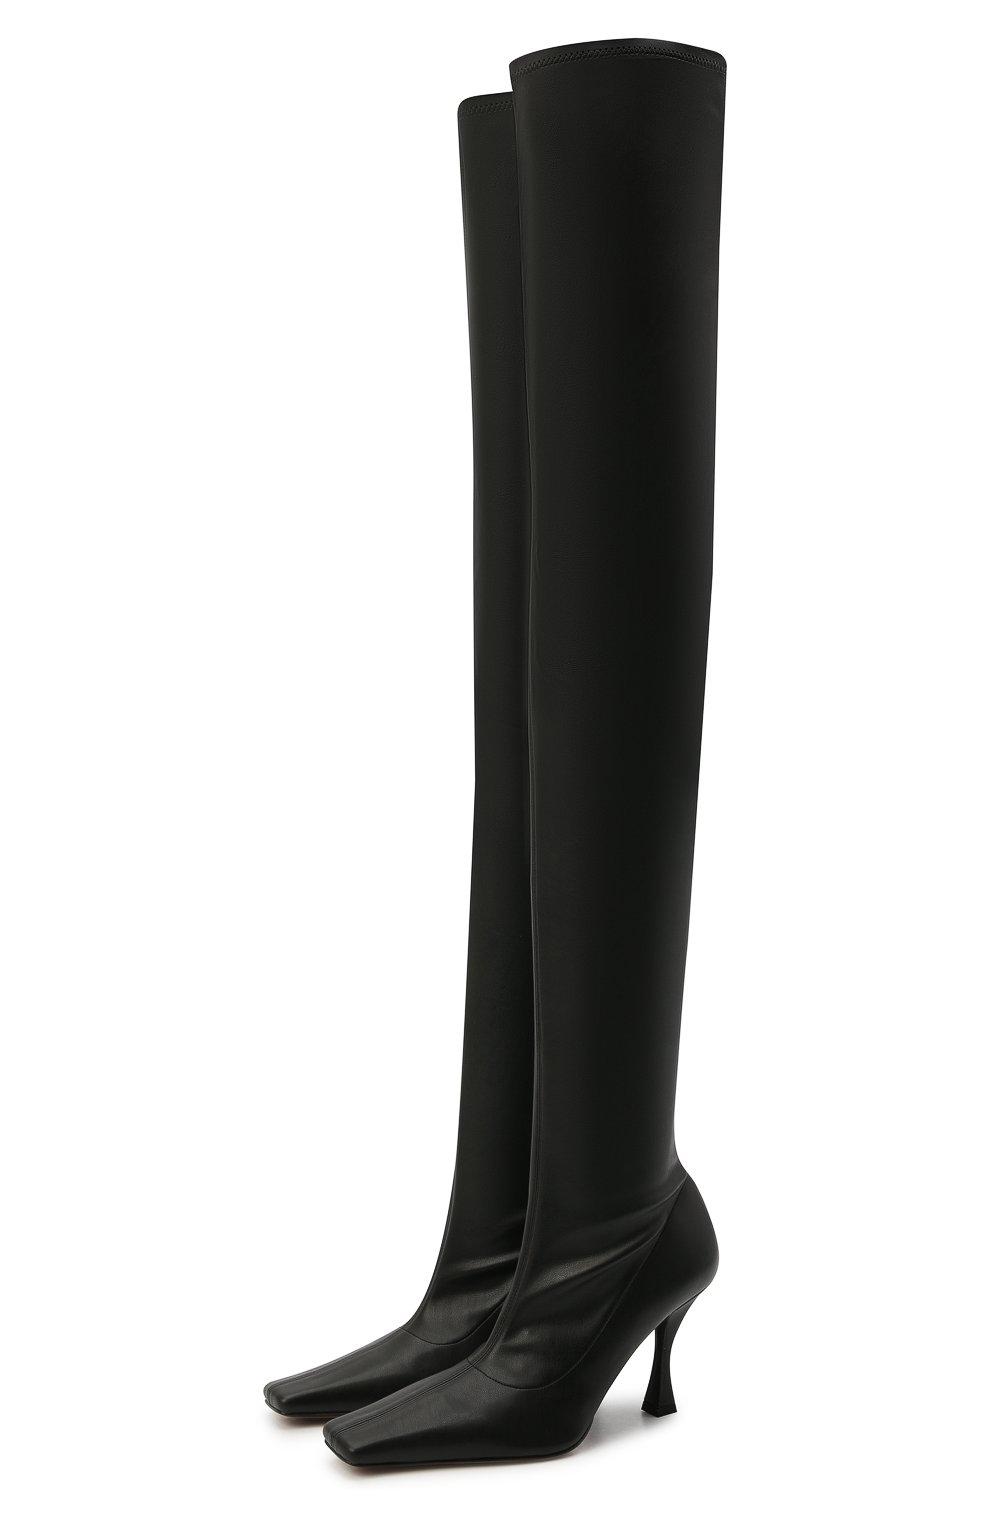 Женские комбинированные ботфорты PROENZA SCHOULER черного цвета, арт. PS35212B/12310   Фото 1 (Материал внешний: Экокожа, Текстиль; Каблук высота: Высокий; Высота голенища: Высокие; Материал внутренний: Натуральная кожа; Каблук тип: Устойчивый; Подошва: Плоская)